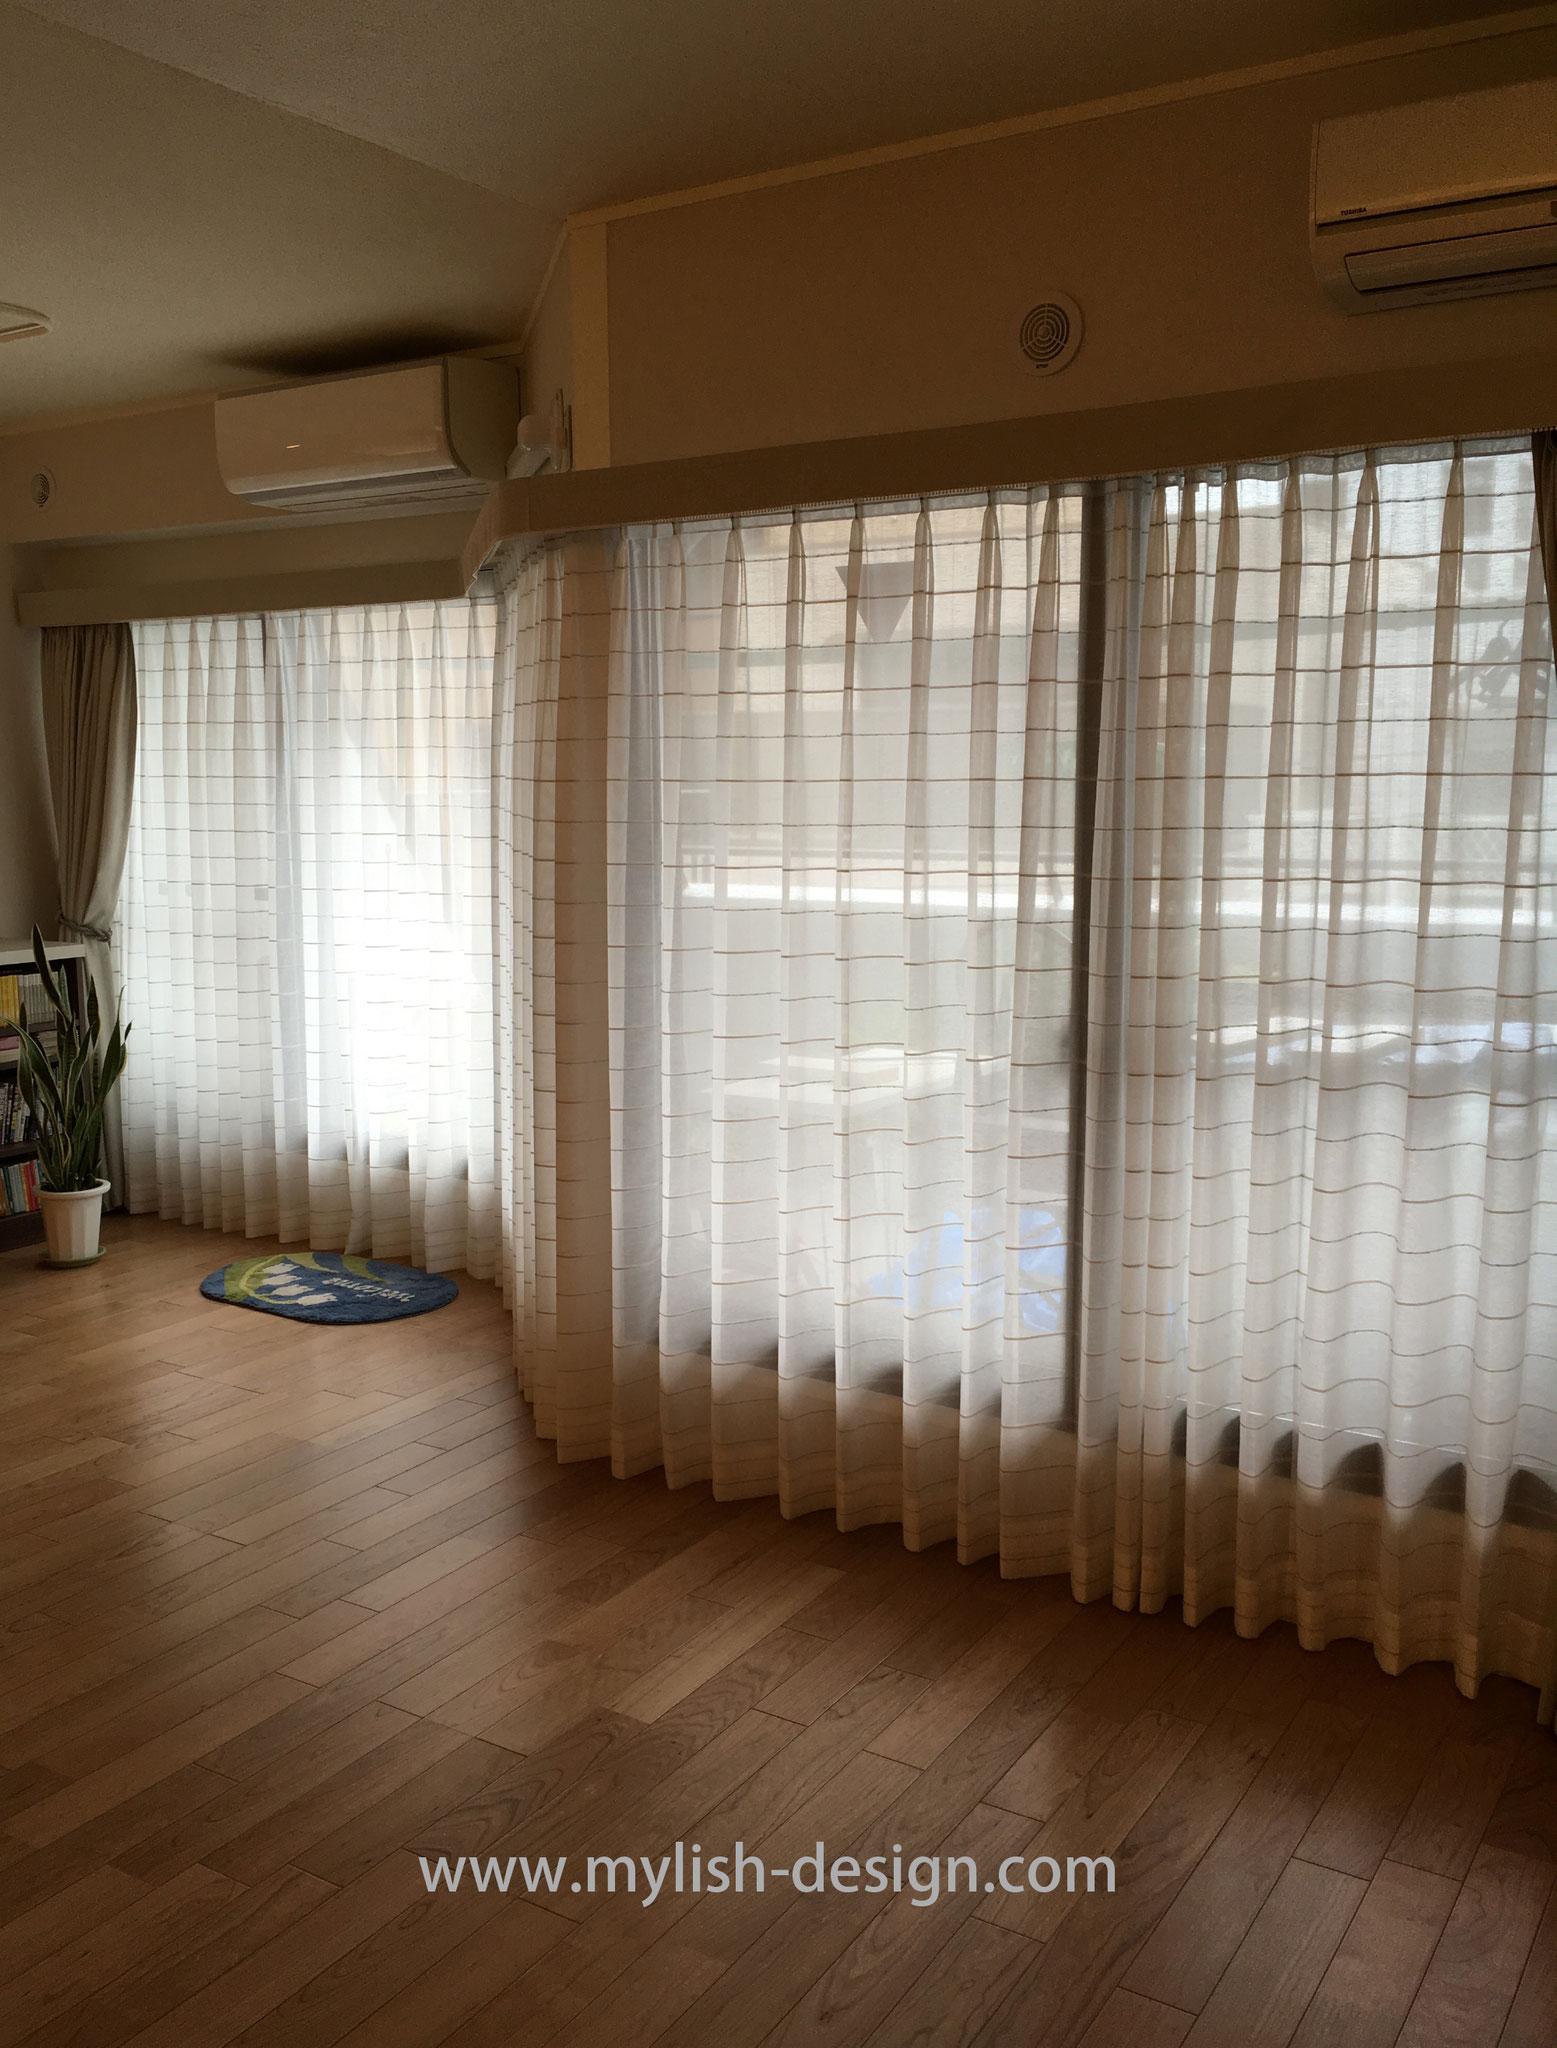 カーテンは2倍ヒダのレギュラーカーテン(カワシマセルコン)を両開きで。全ての窓をつなげてレールを現場で曲げて設置したので、とても美しい窓になりました。